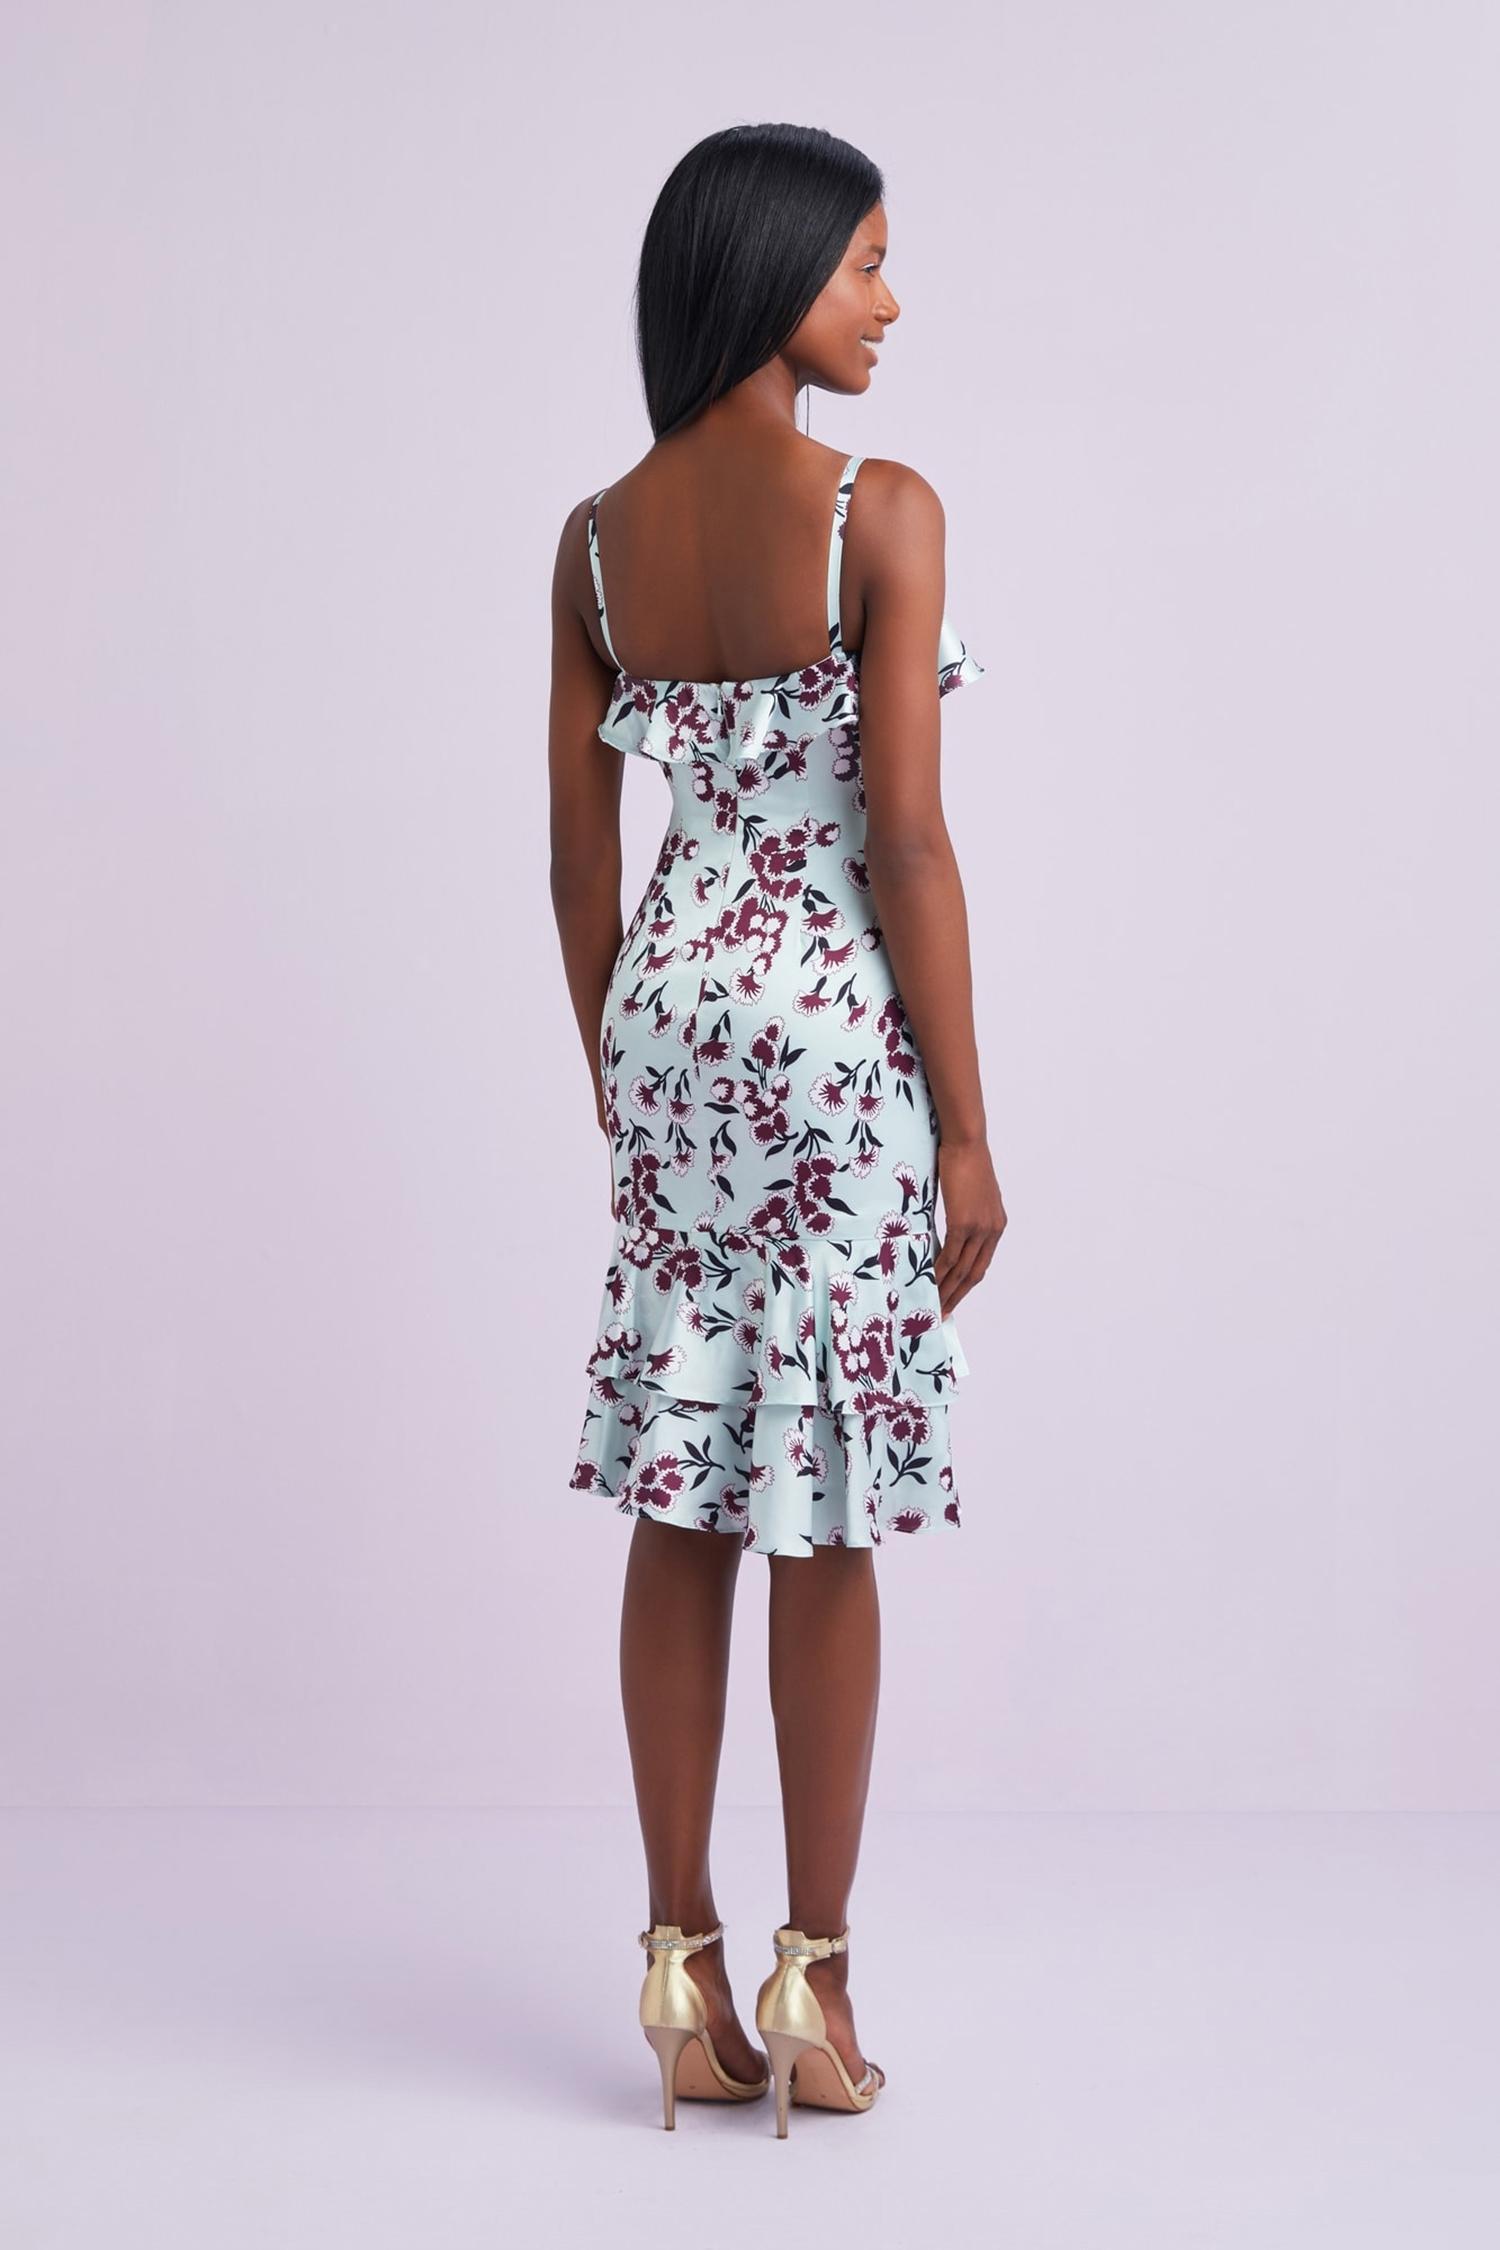 Mint Rengi Desenli Askılı Fırfırlı Midi Şifon Elbise - Thumbnail